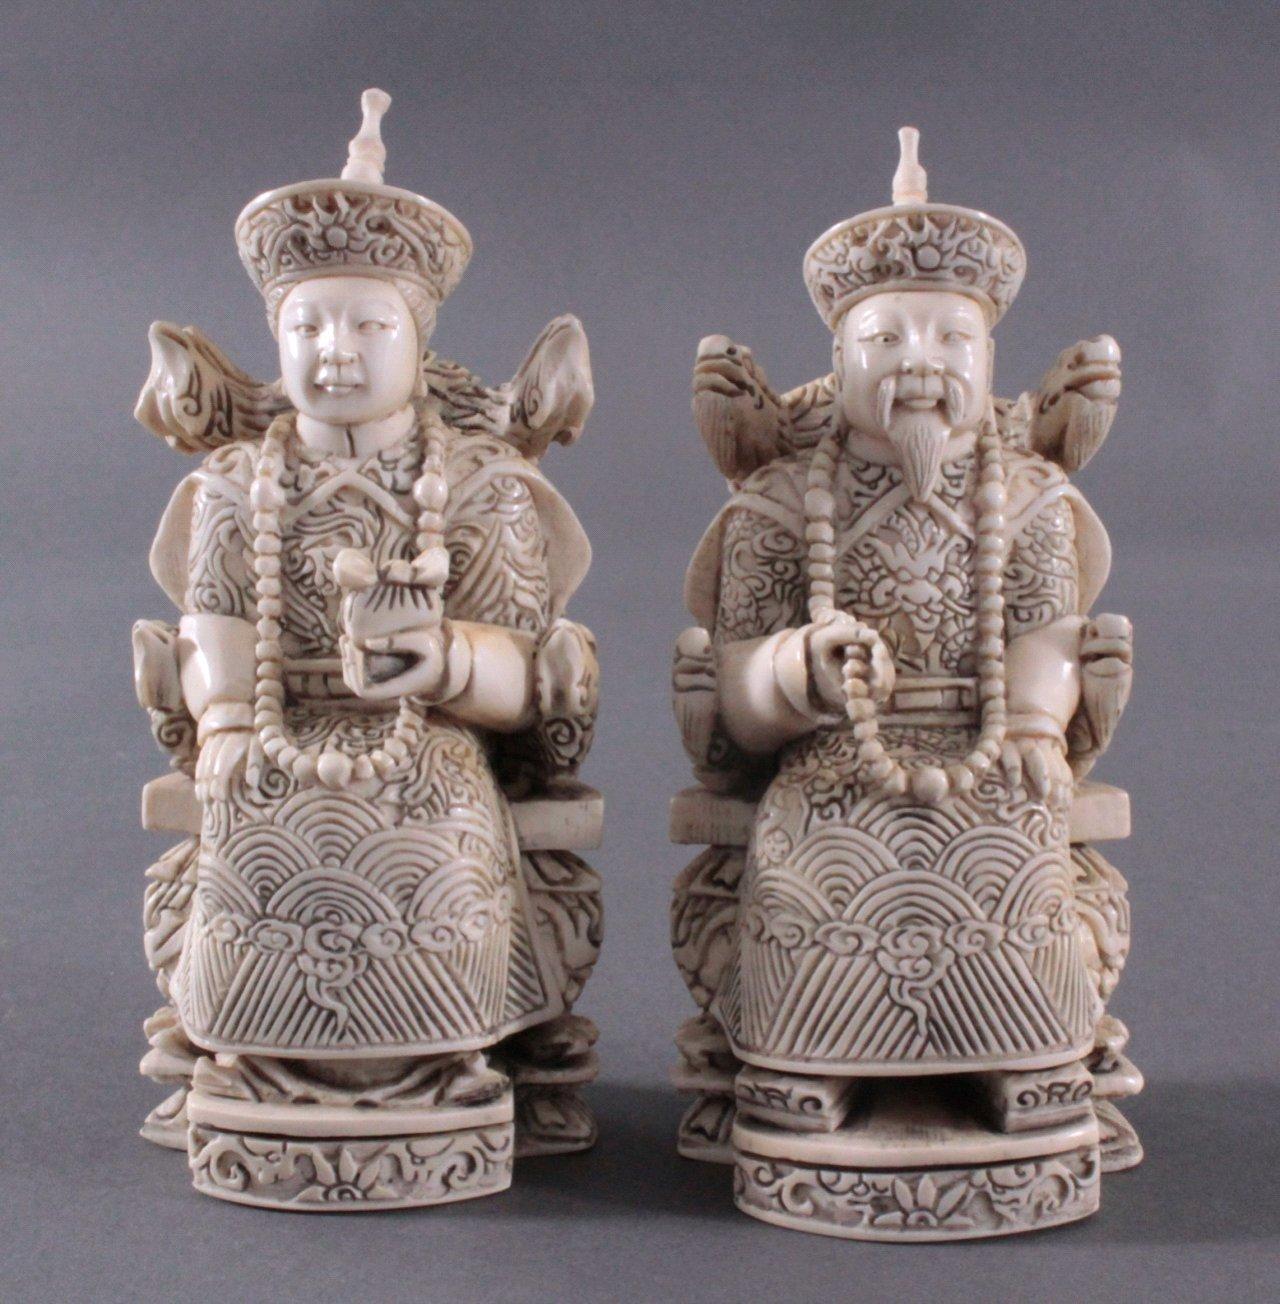 Kaiserpaar aus Elfenbein, China um 1900